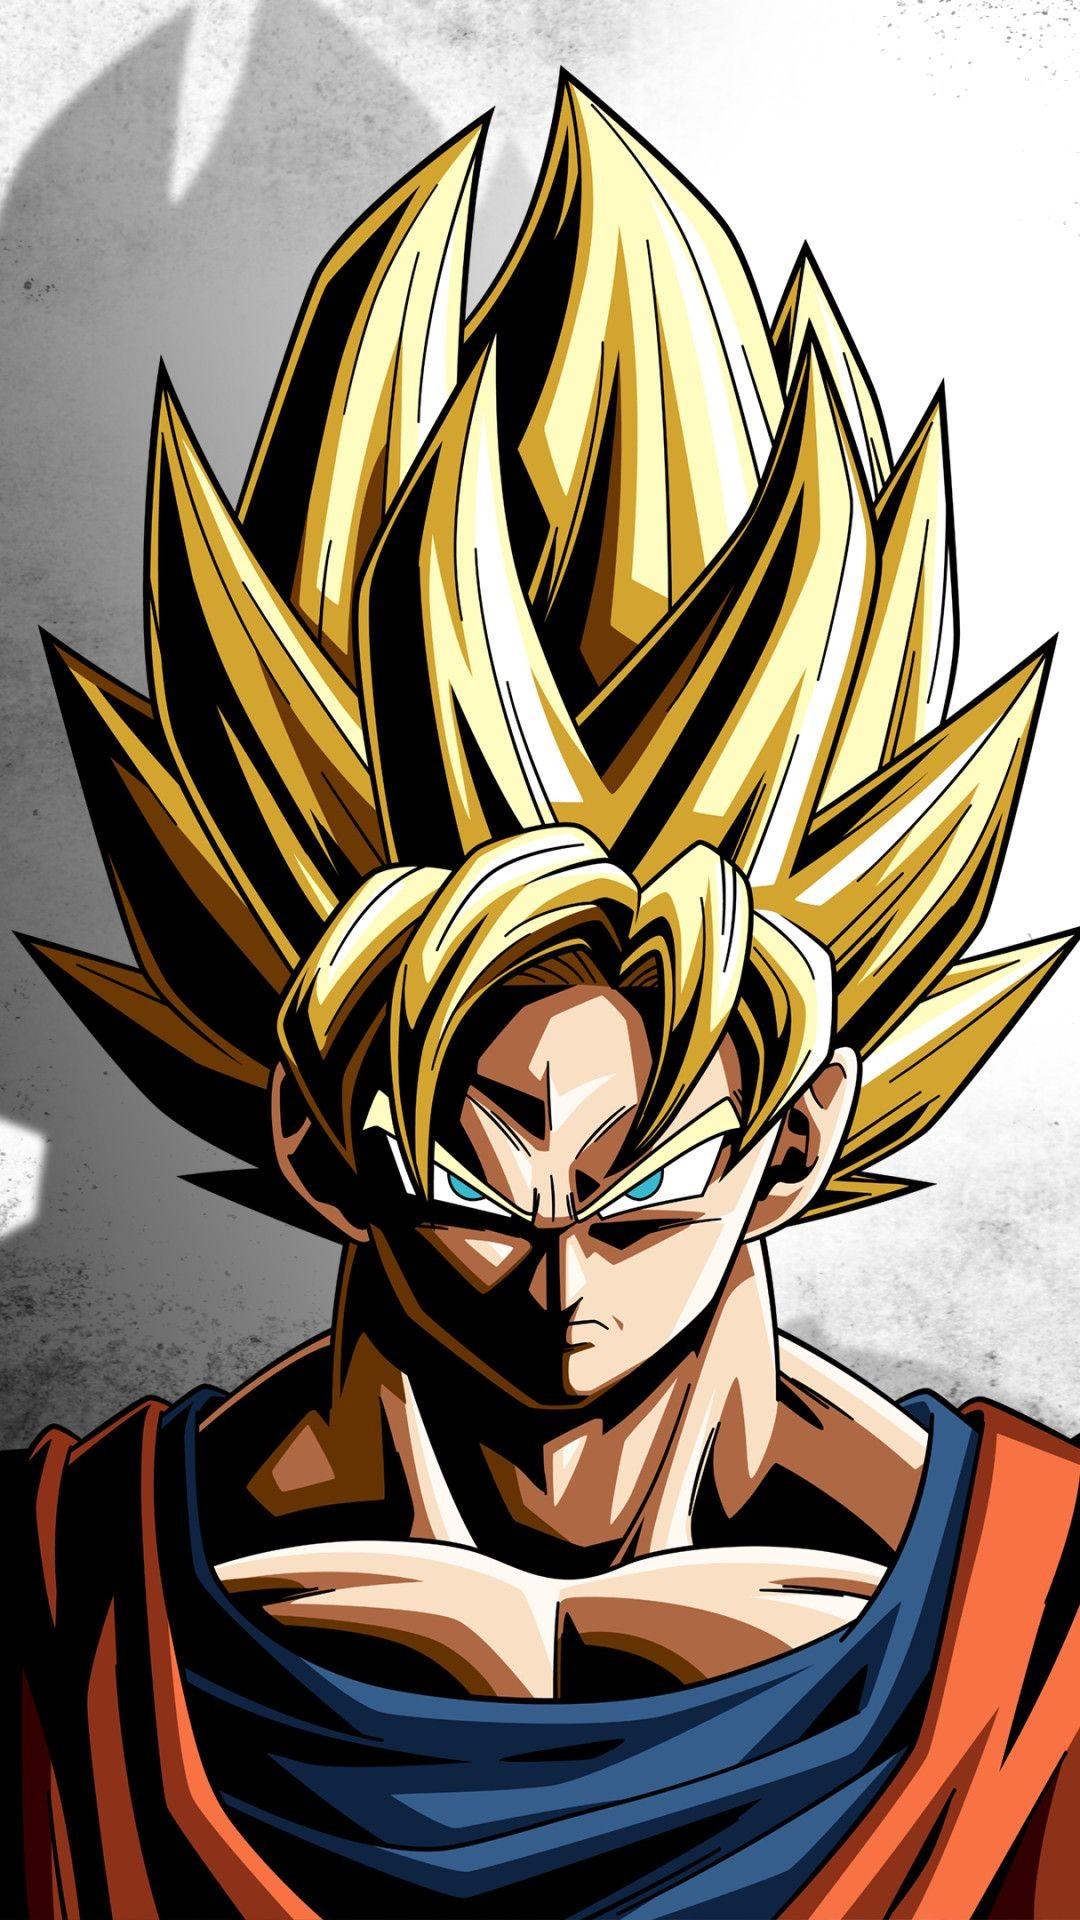 Wallpaper Of Goku 74 Pictures